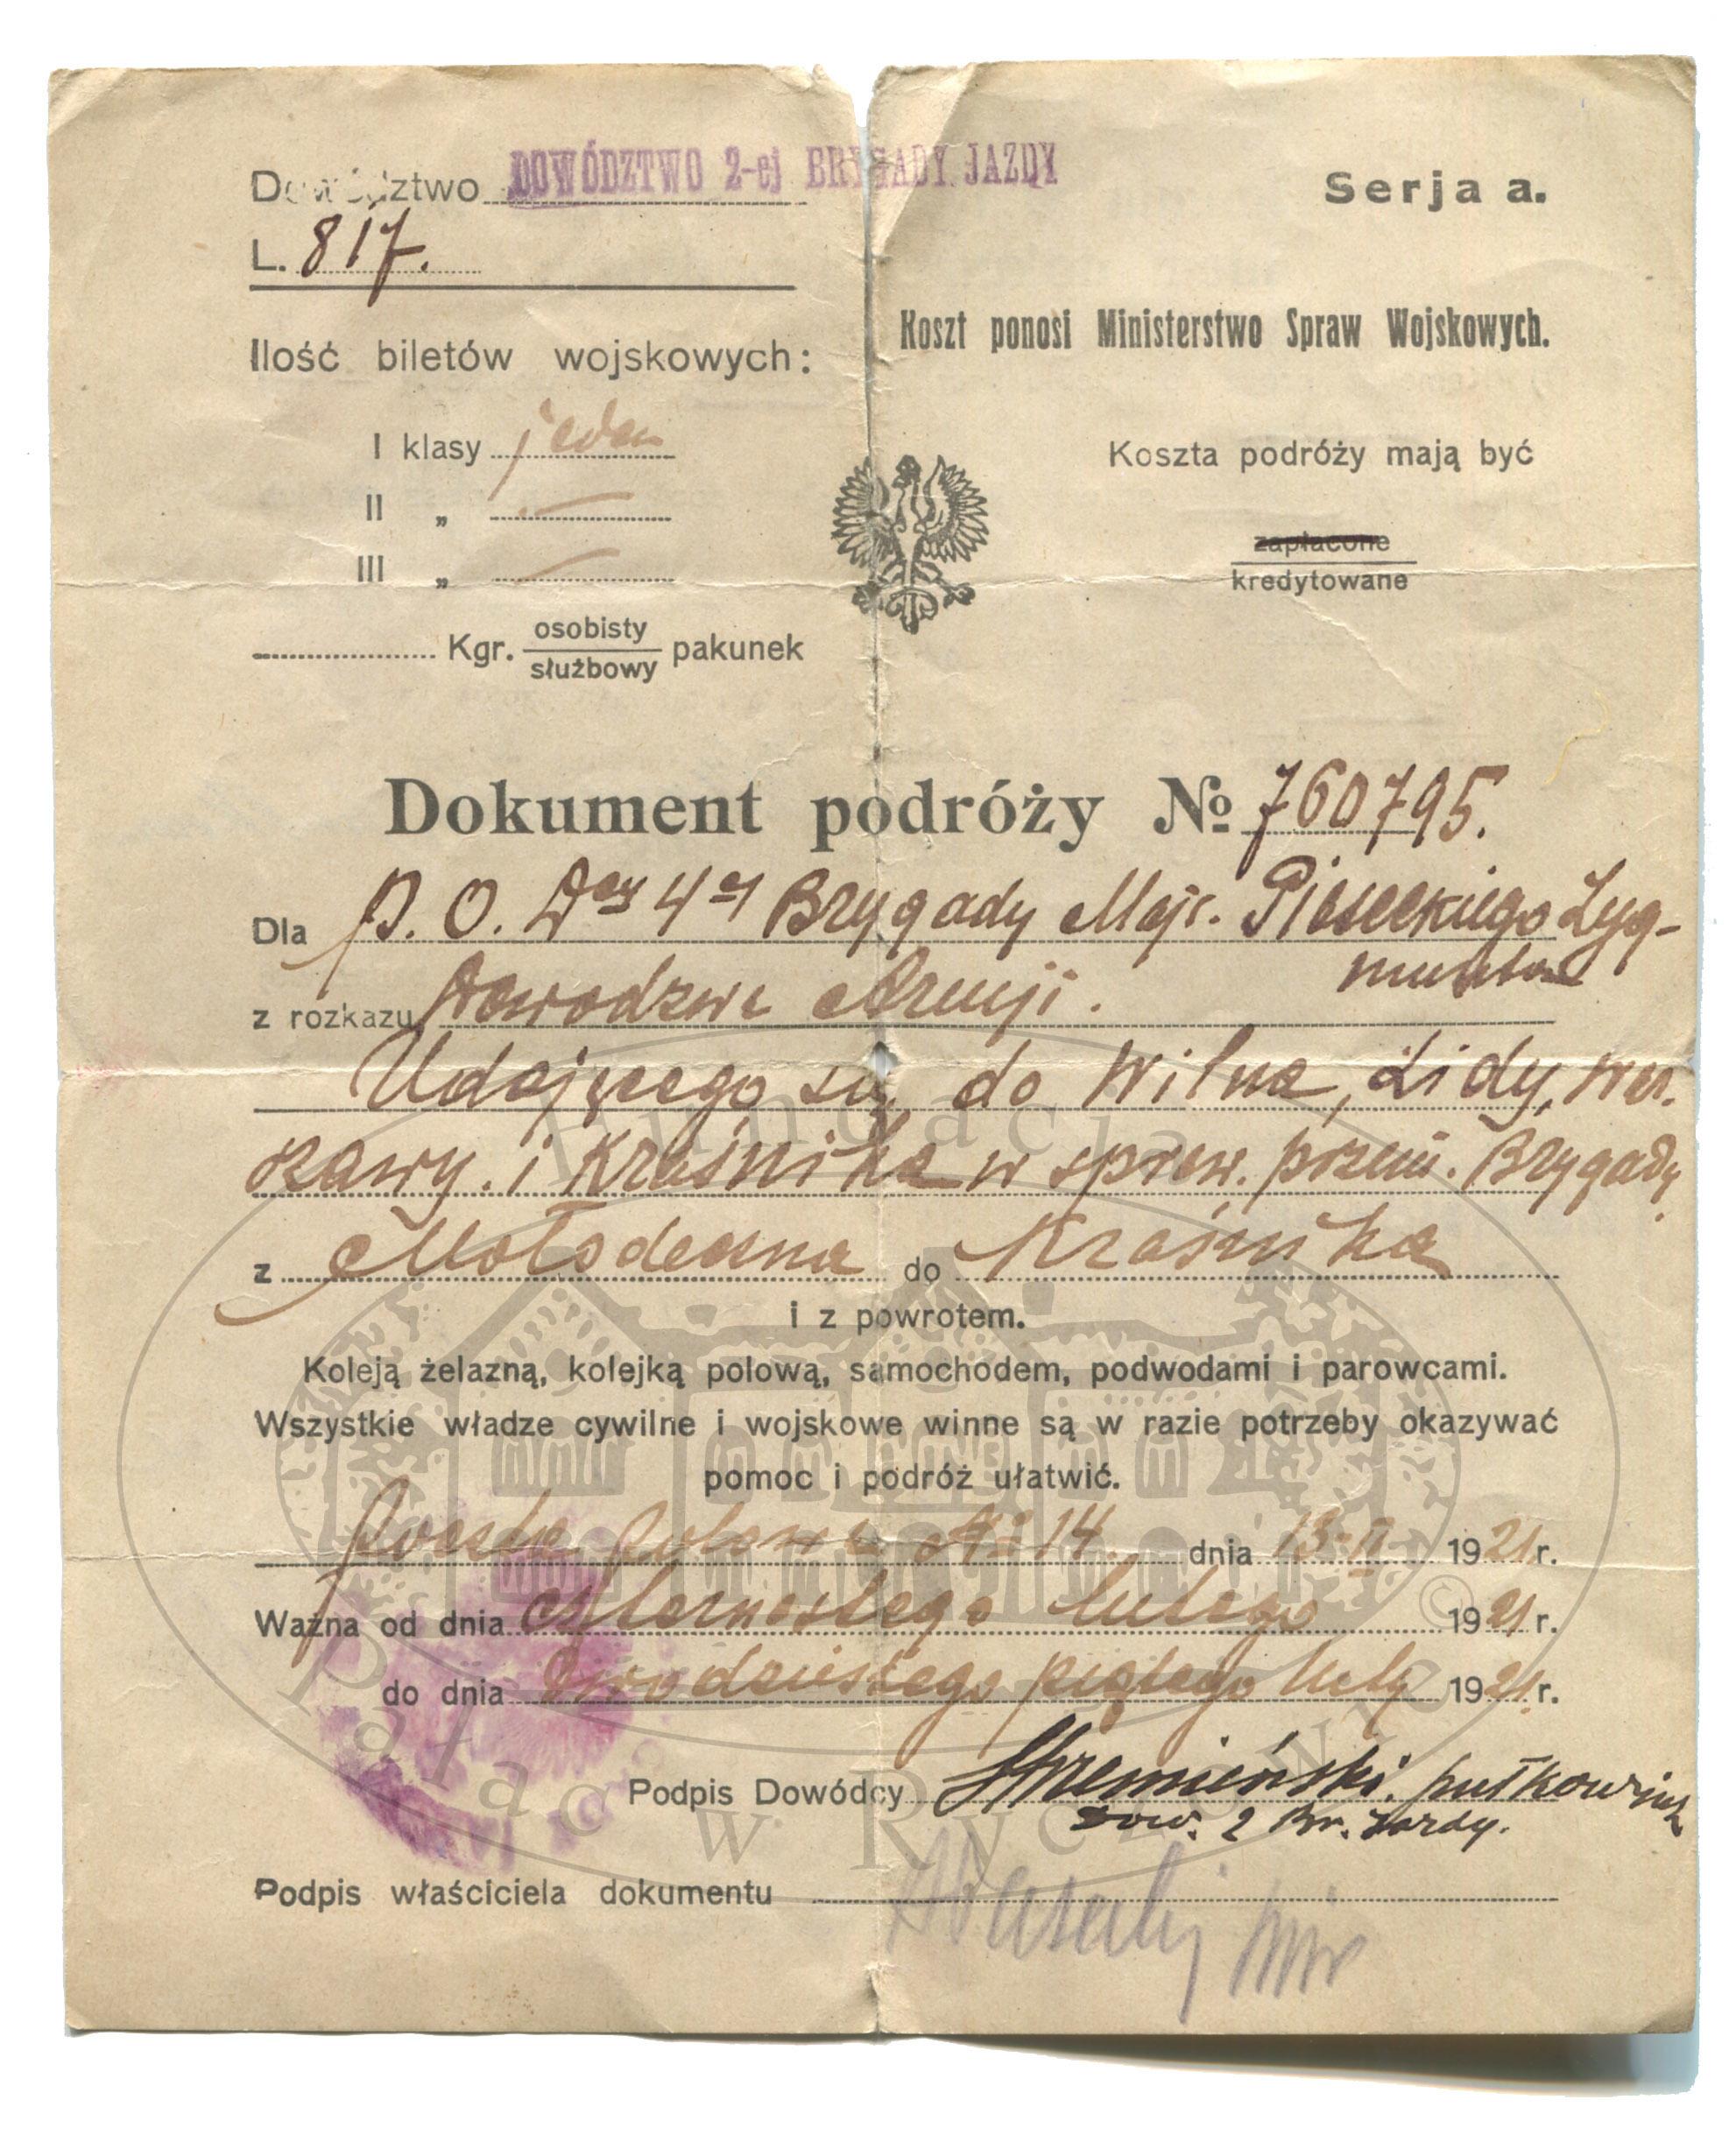 Dokumenty podróży służbowych 1921